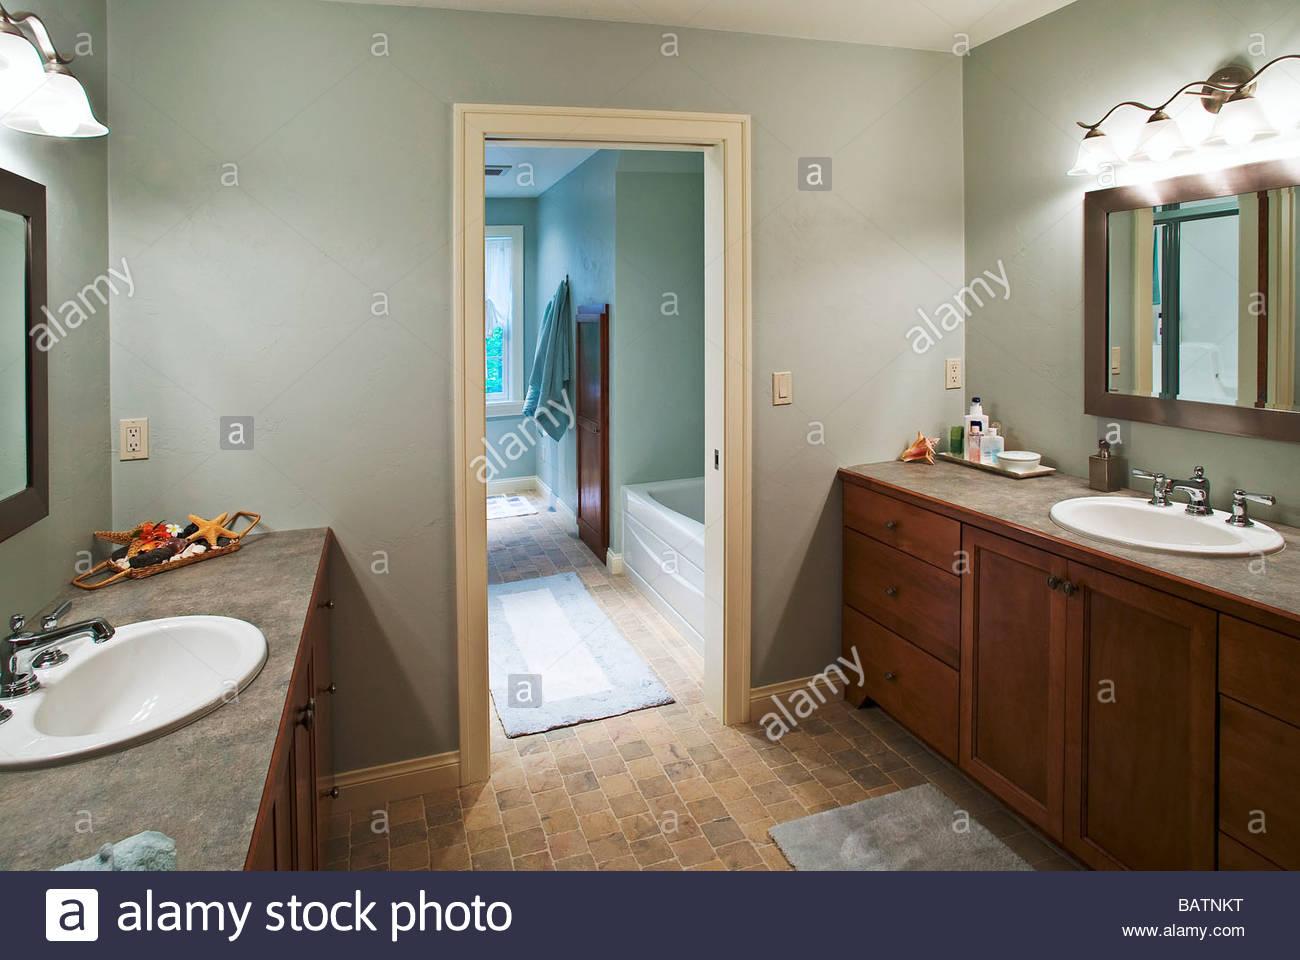 Modernes Bad Mit Zwei Waschbecken Stockfoto Bild 23900796 Alamy